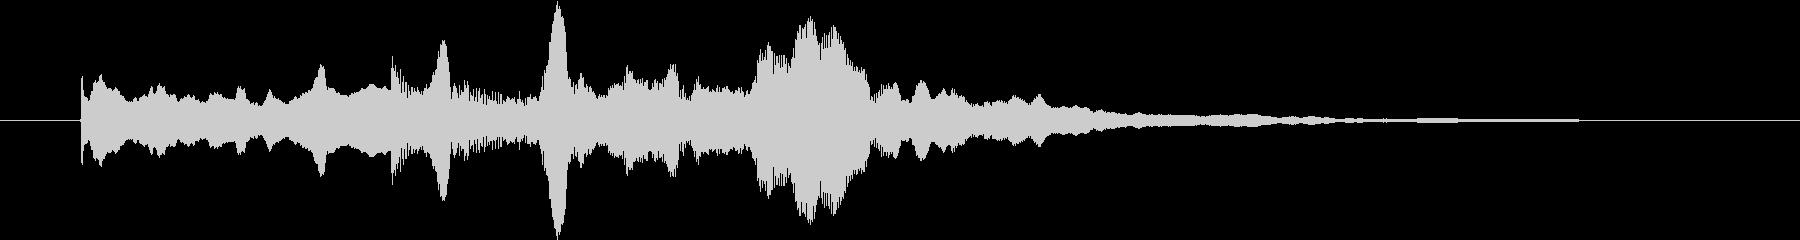 幻想的なジングル の未再生の波形